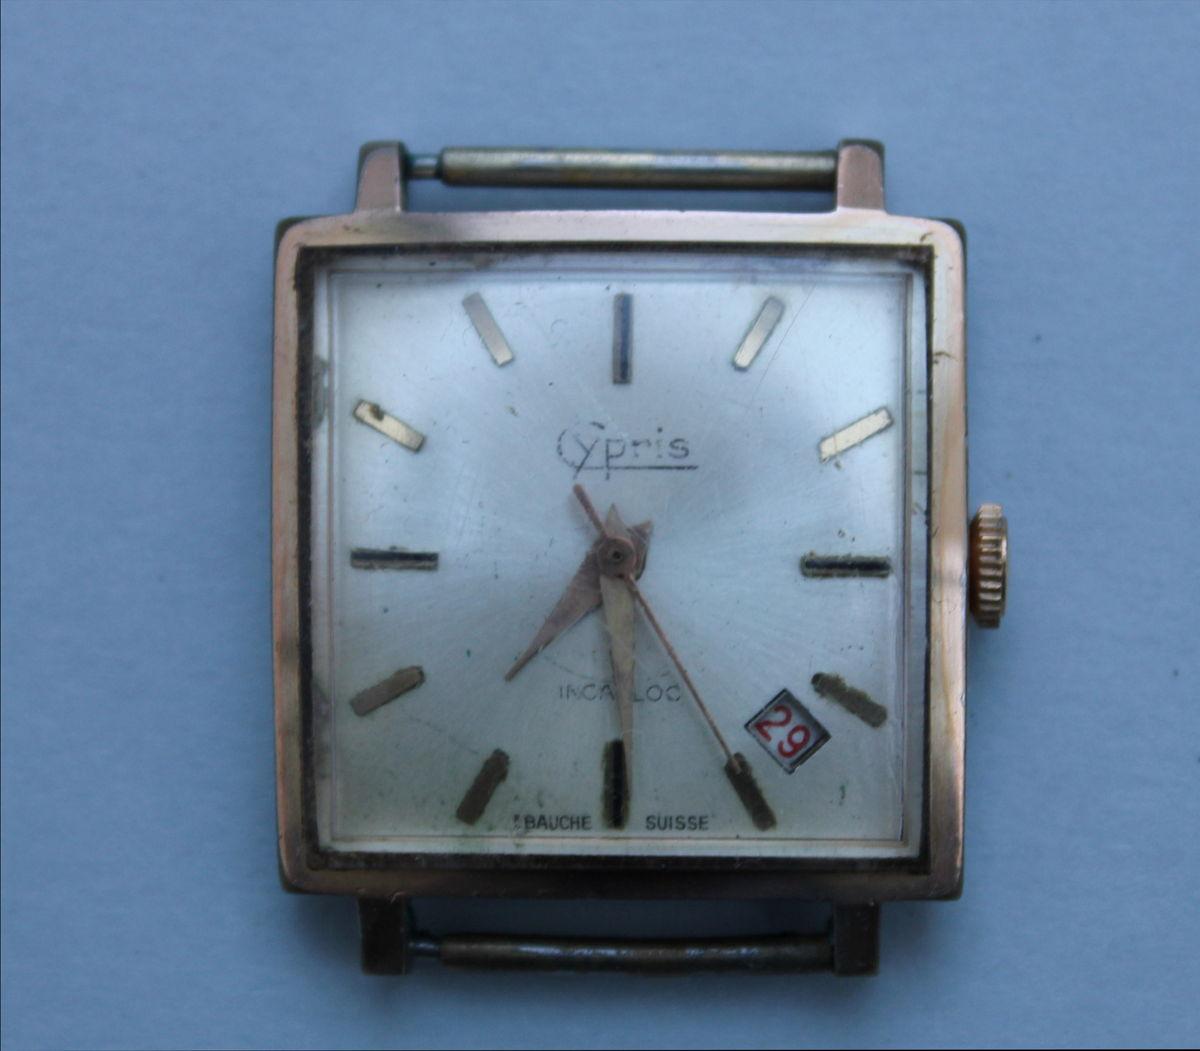 Cypris suisse herrenarmbanduhr 1960er jahre ebay for Interieursuisse stellen